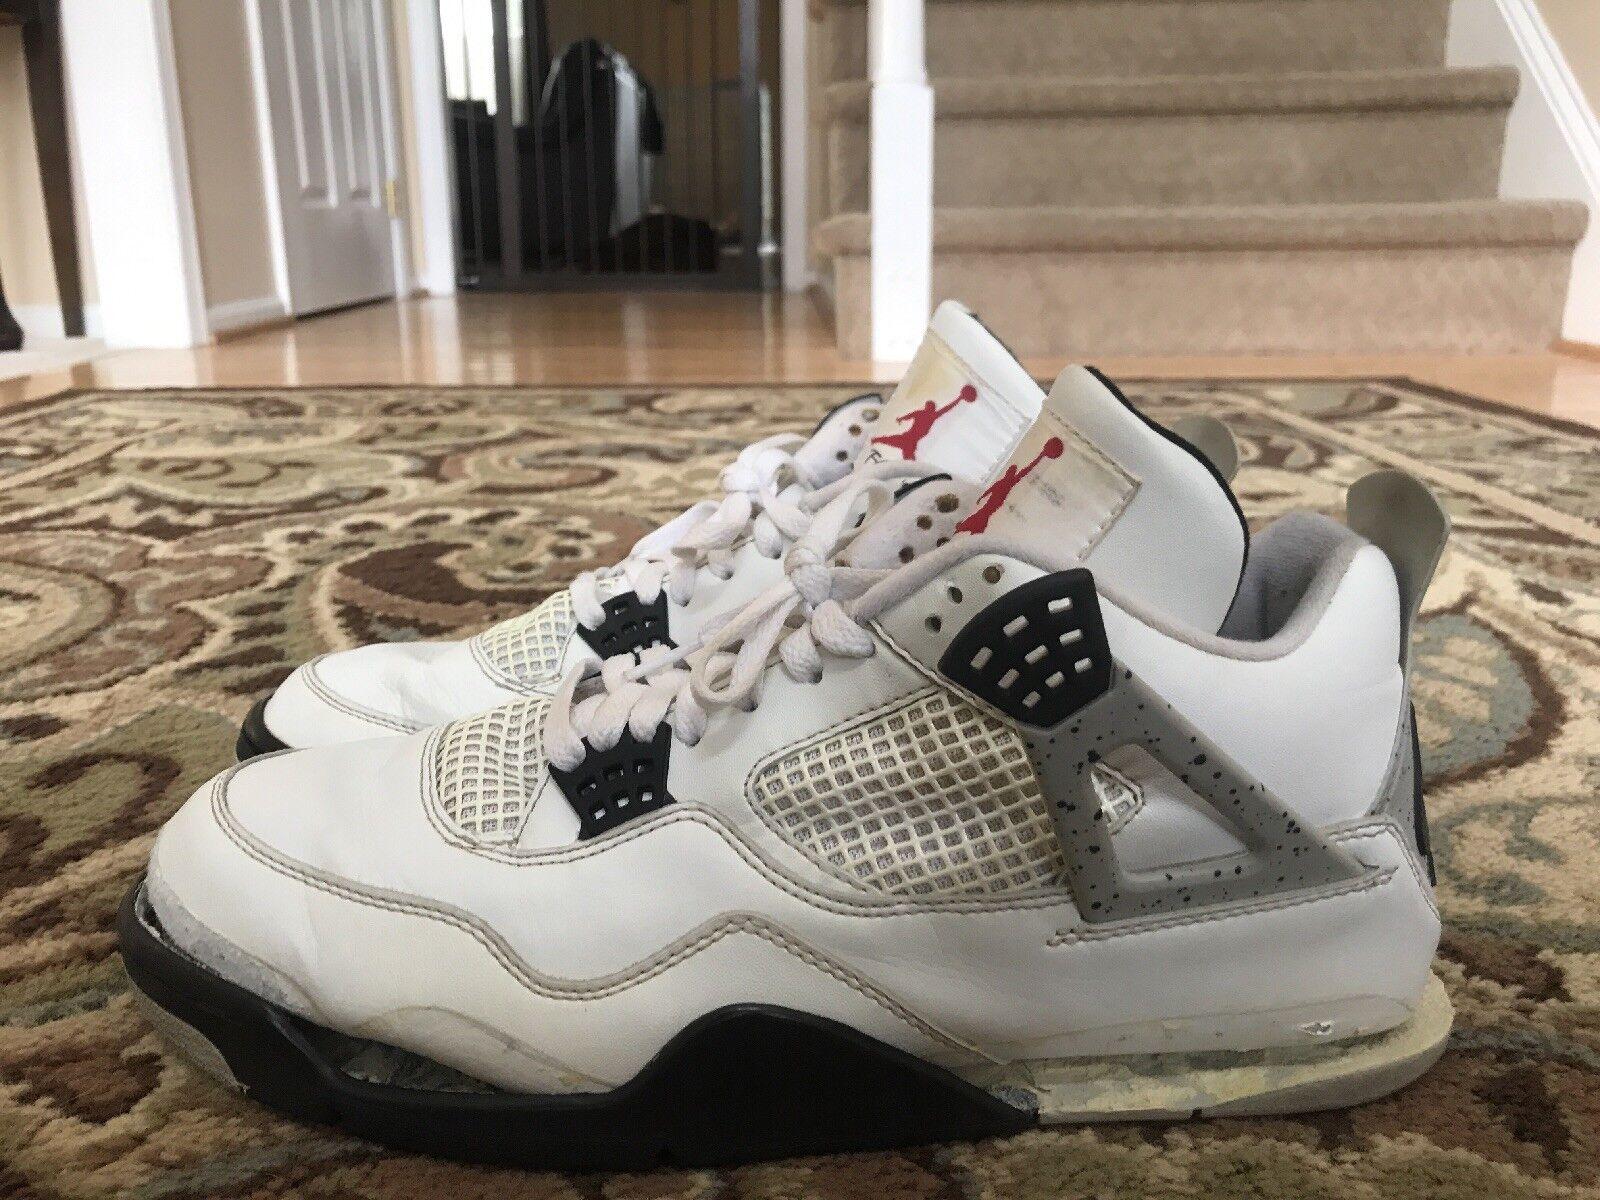 Air Jordan 4 White Cement 1999